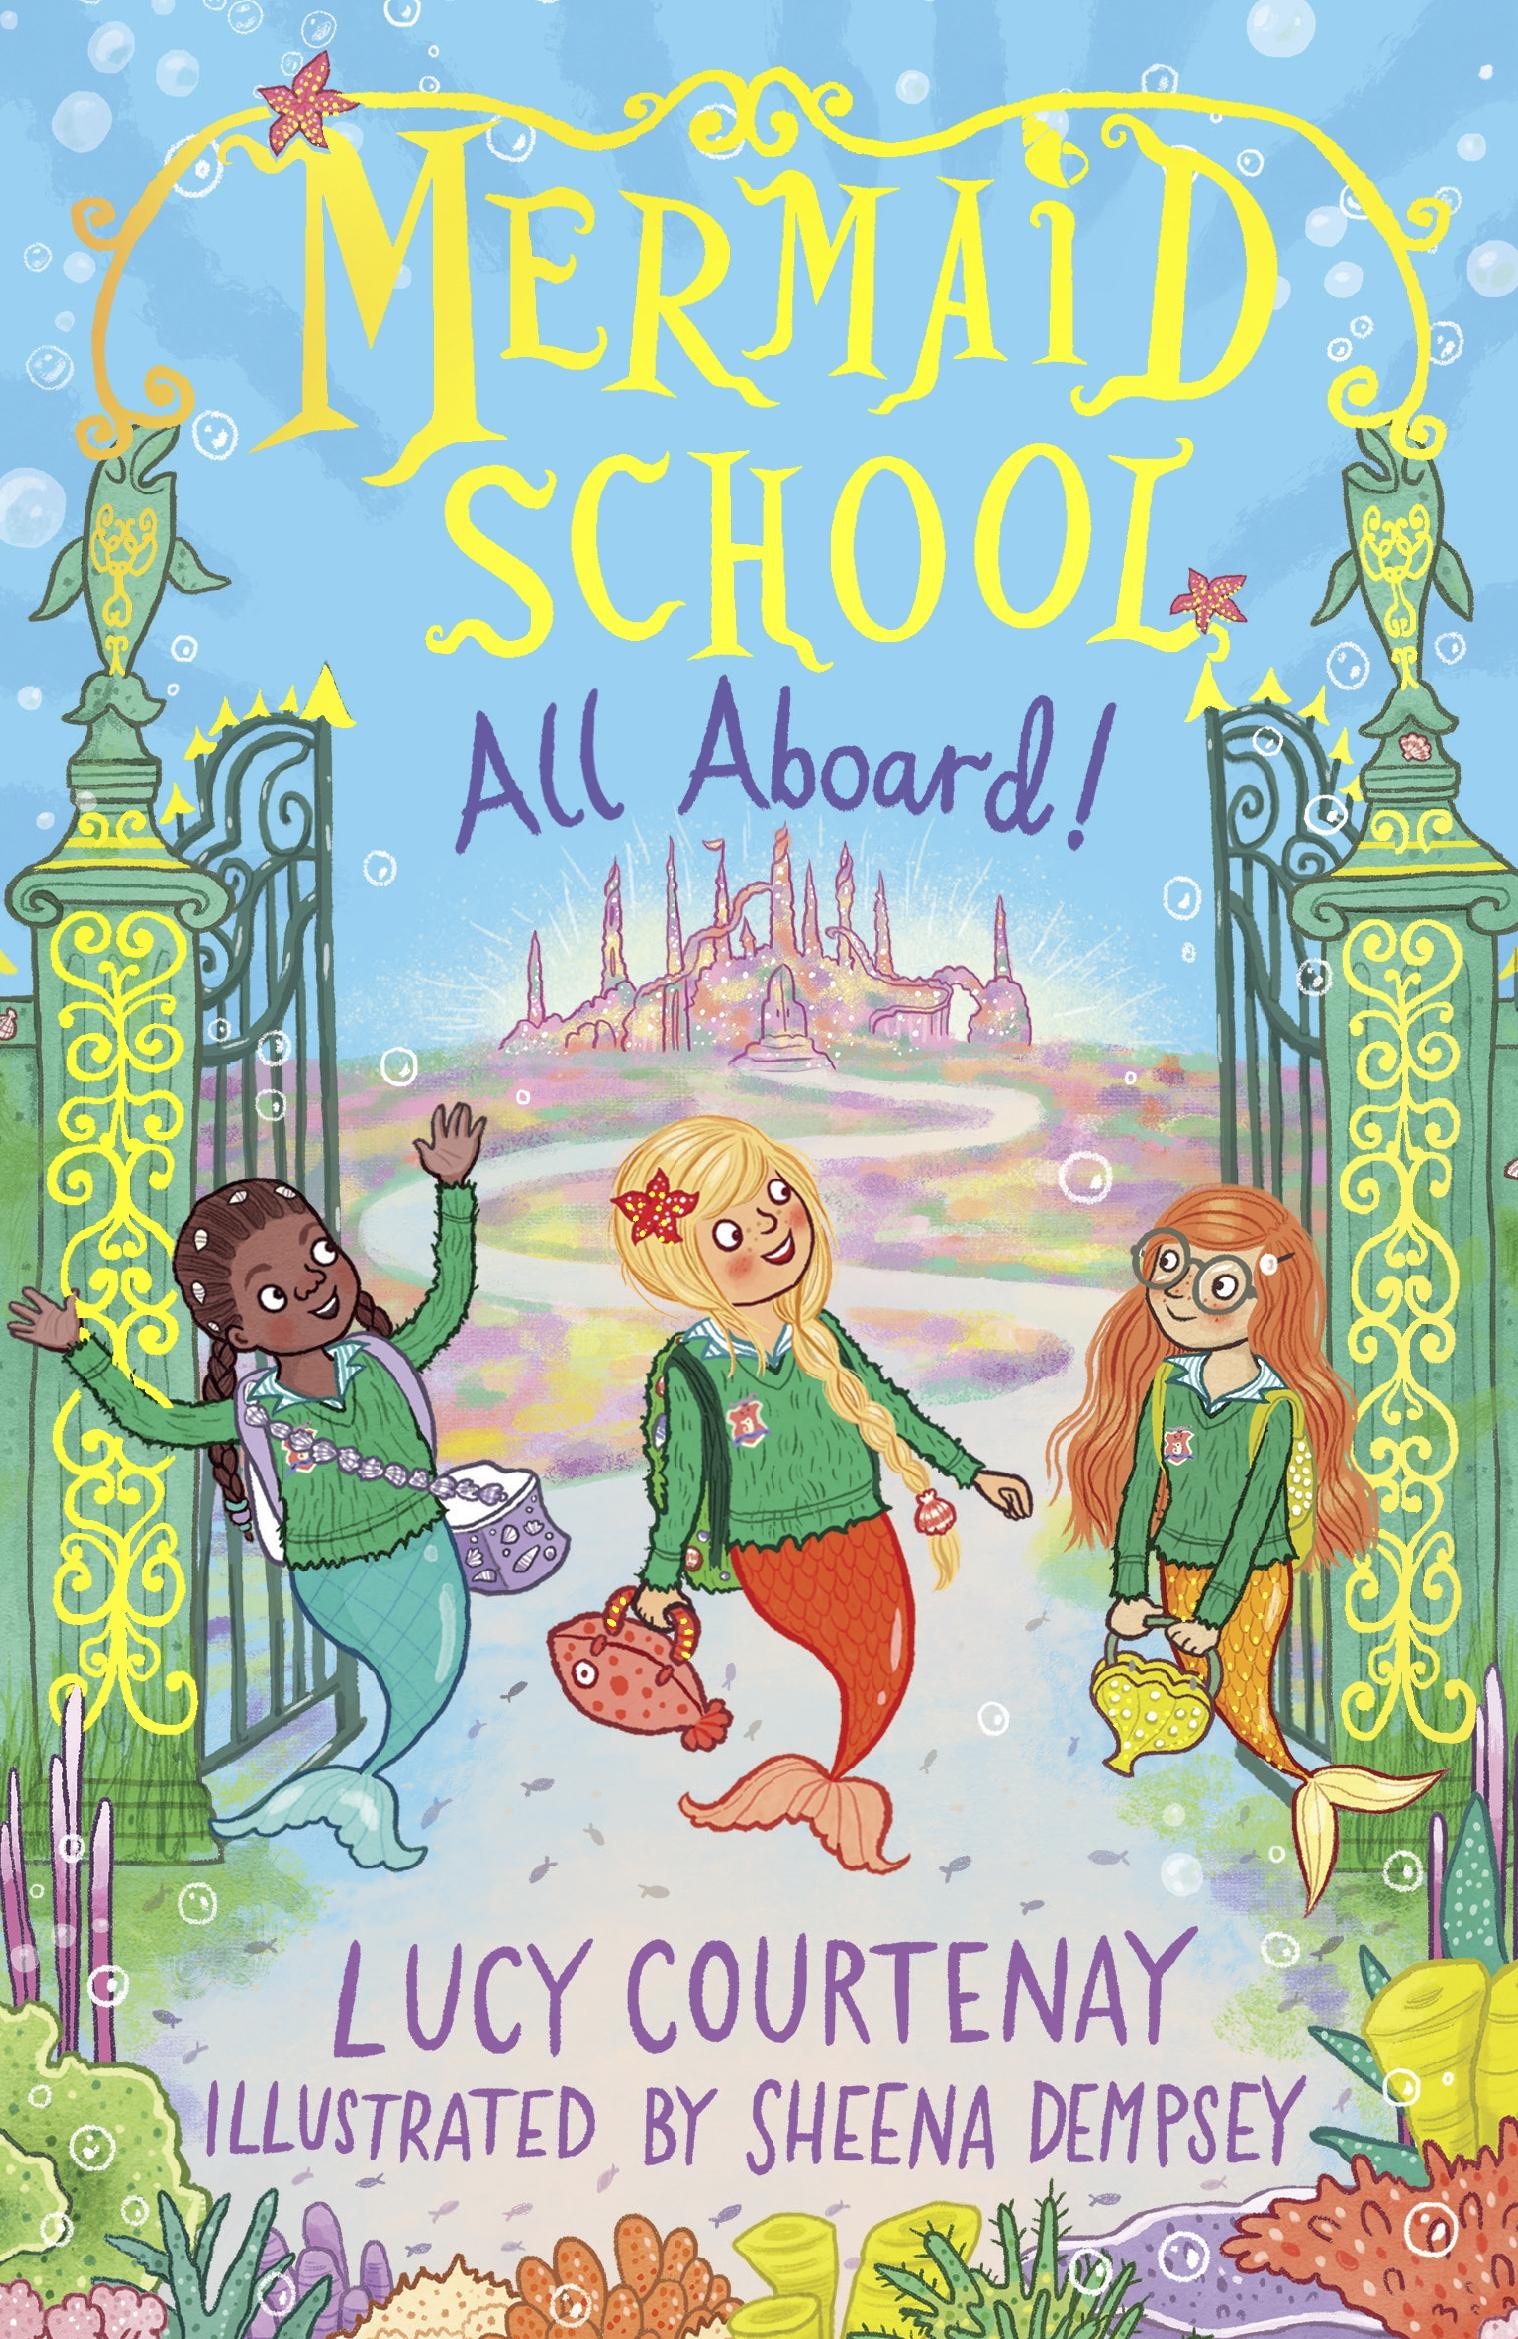 Mermaid School: All Aboard